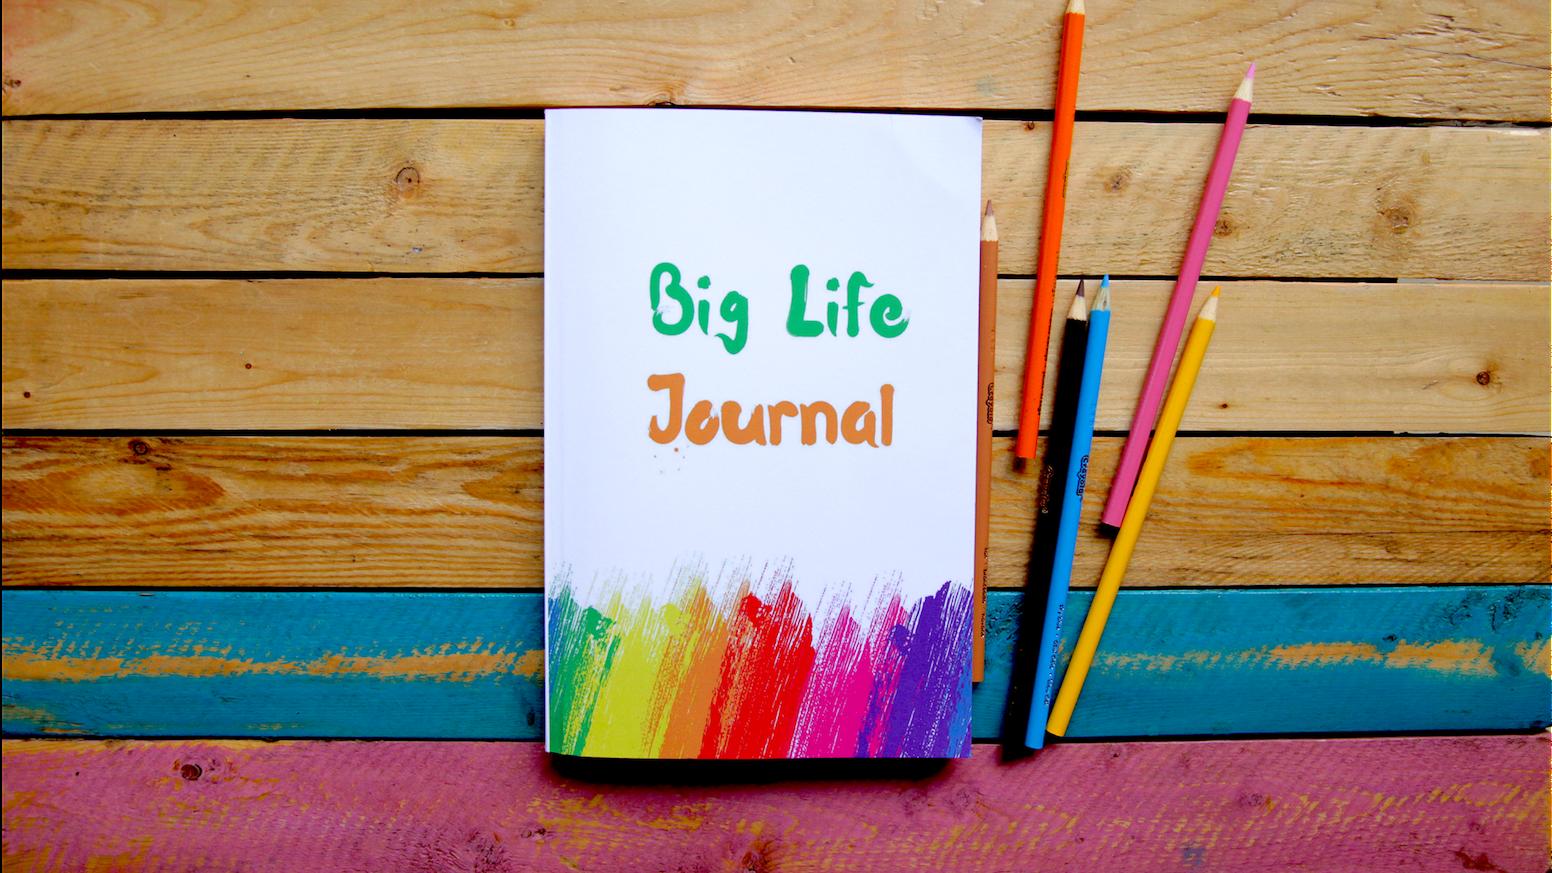 Big Life Journal: A Groundbreaking New Journal for Kids by Scott & Alexandra — Kickstarter